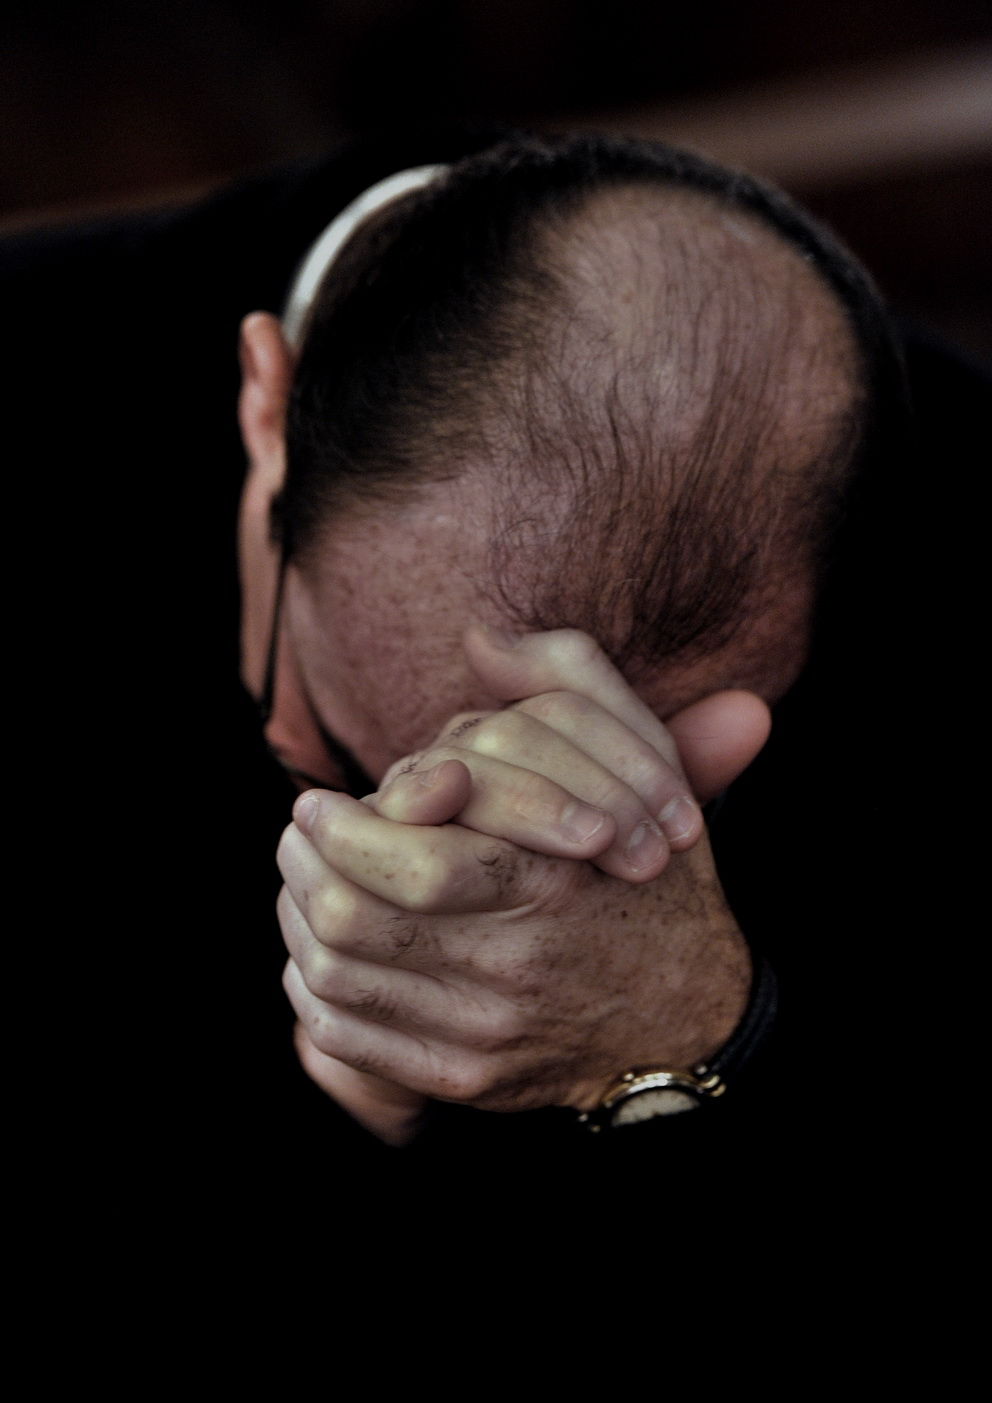 Portraits de séminariste en train de prier Séminaire de Baulieu,Bordeaux